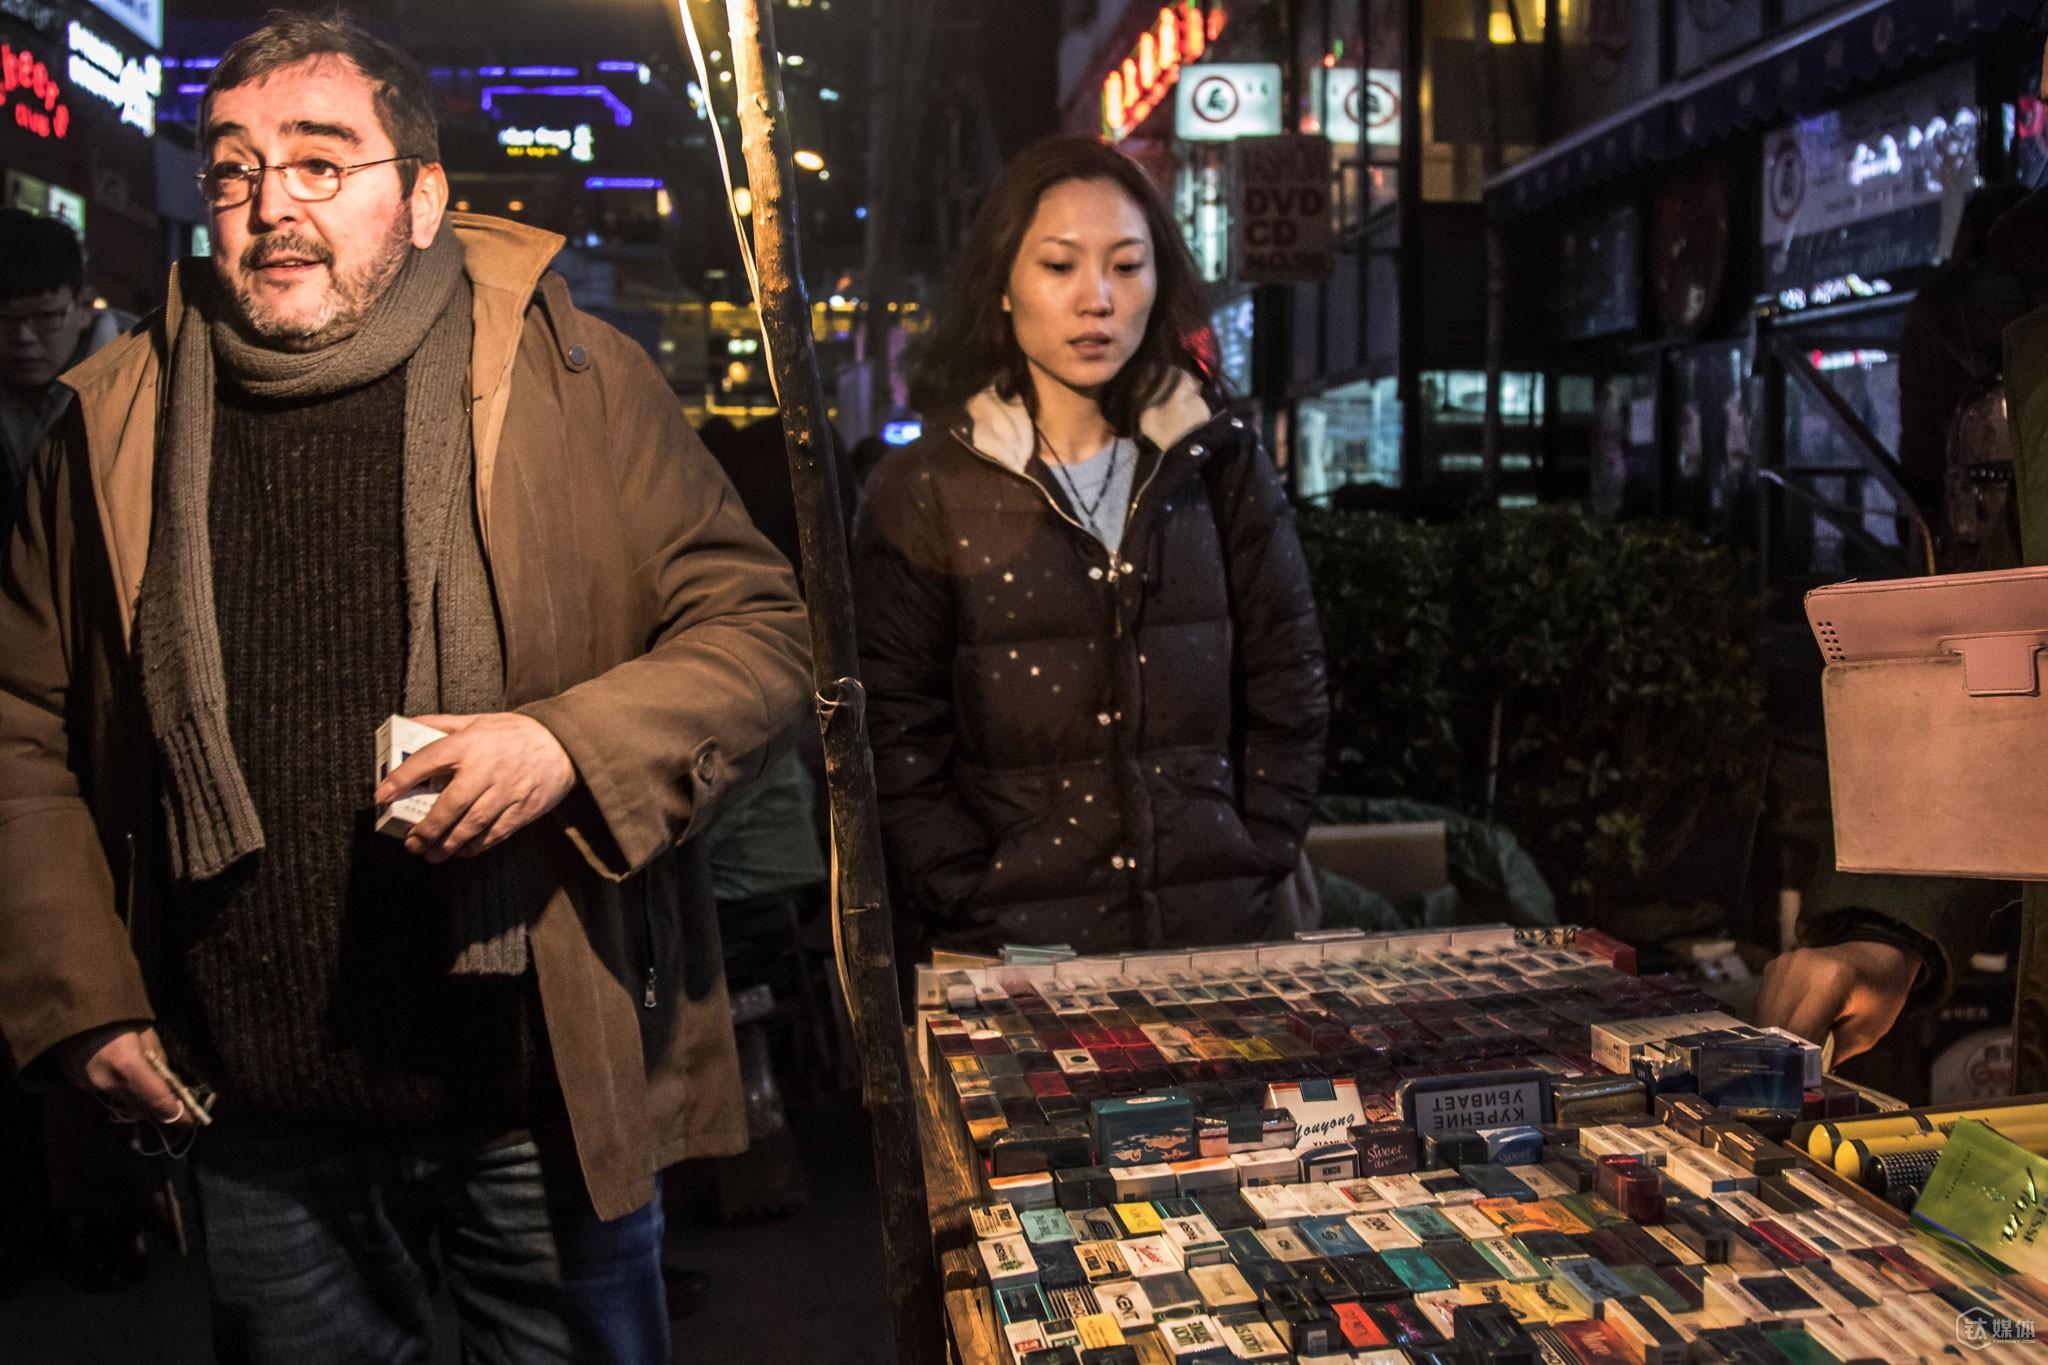 """托马斯很喜欢北京三里屯,就像他认为的""""除了网速快过中国,德国的互联网发展落后中国至少4年"""",他同样认为德国街头的热闹程度远远不及三里屯,""""这里永远都是人来人往车水马龙,这在德国很难得,虽然北京有时候空气不那么好,但我吸烟,空气不好对我来说没那么大影响。"""""""